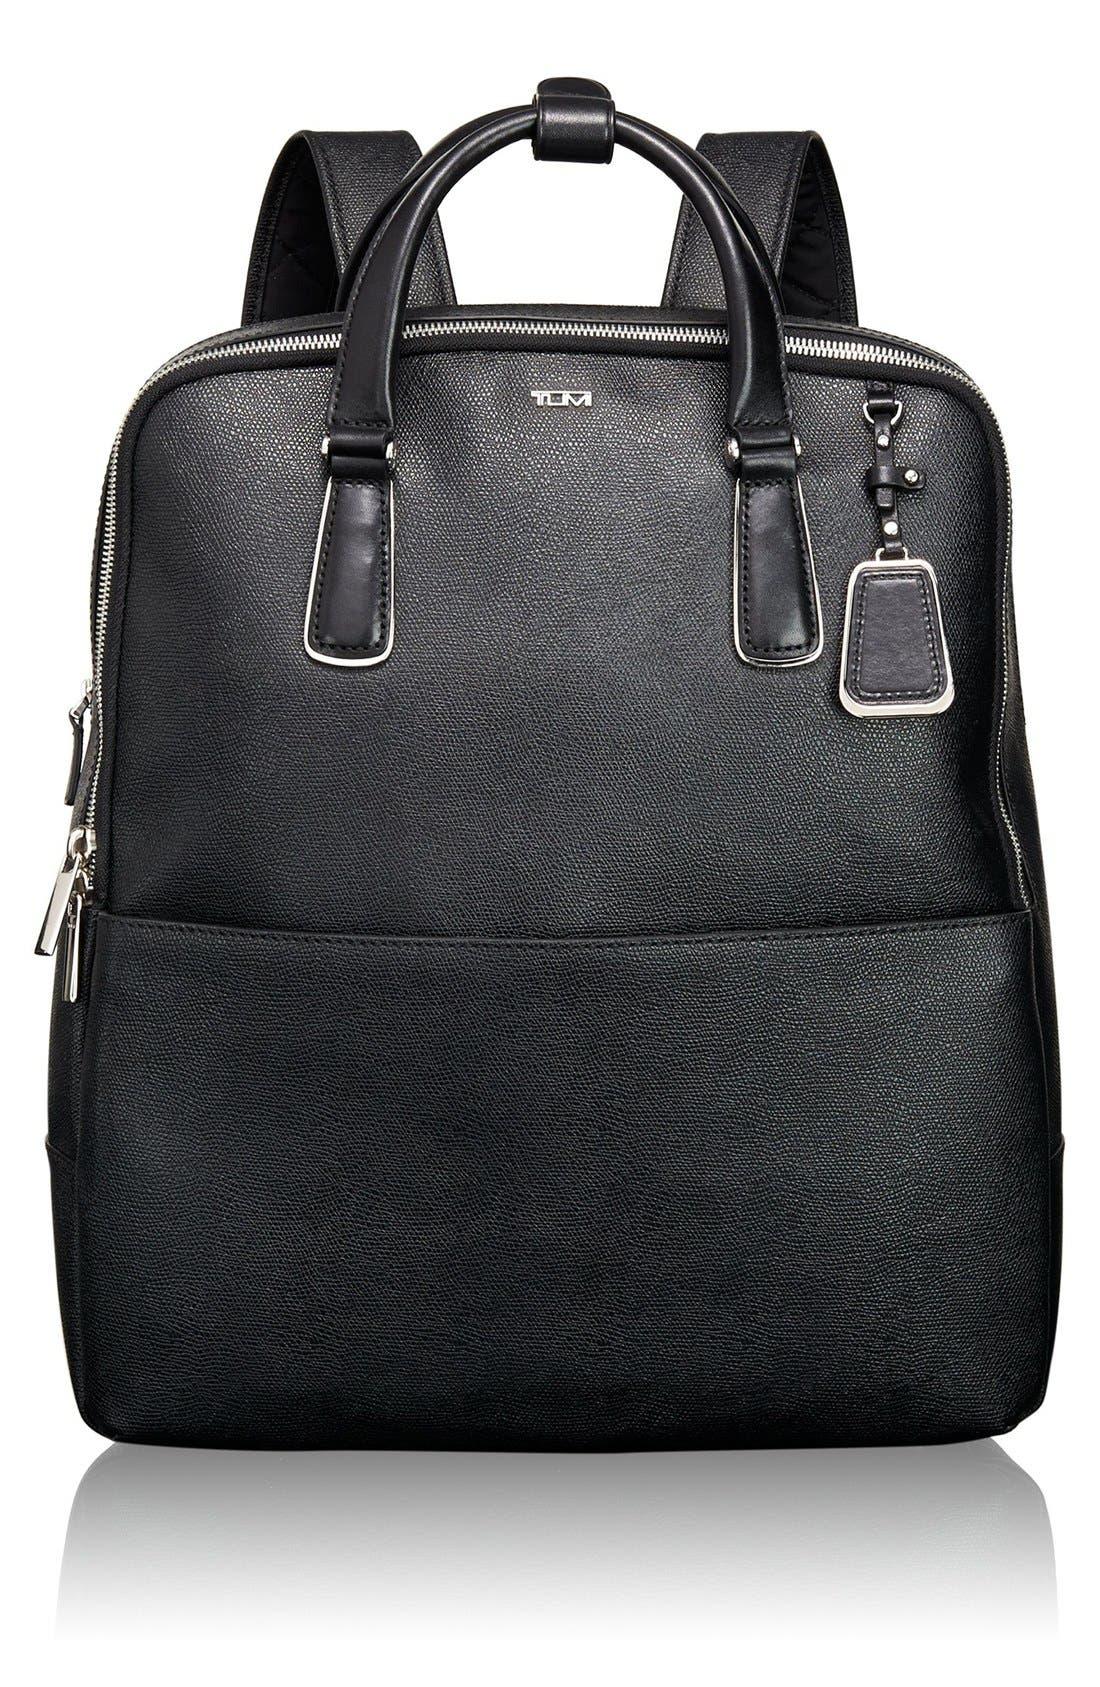 Main Image - Tumi Sinclair -Olivia Convertible Backpack